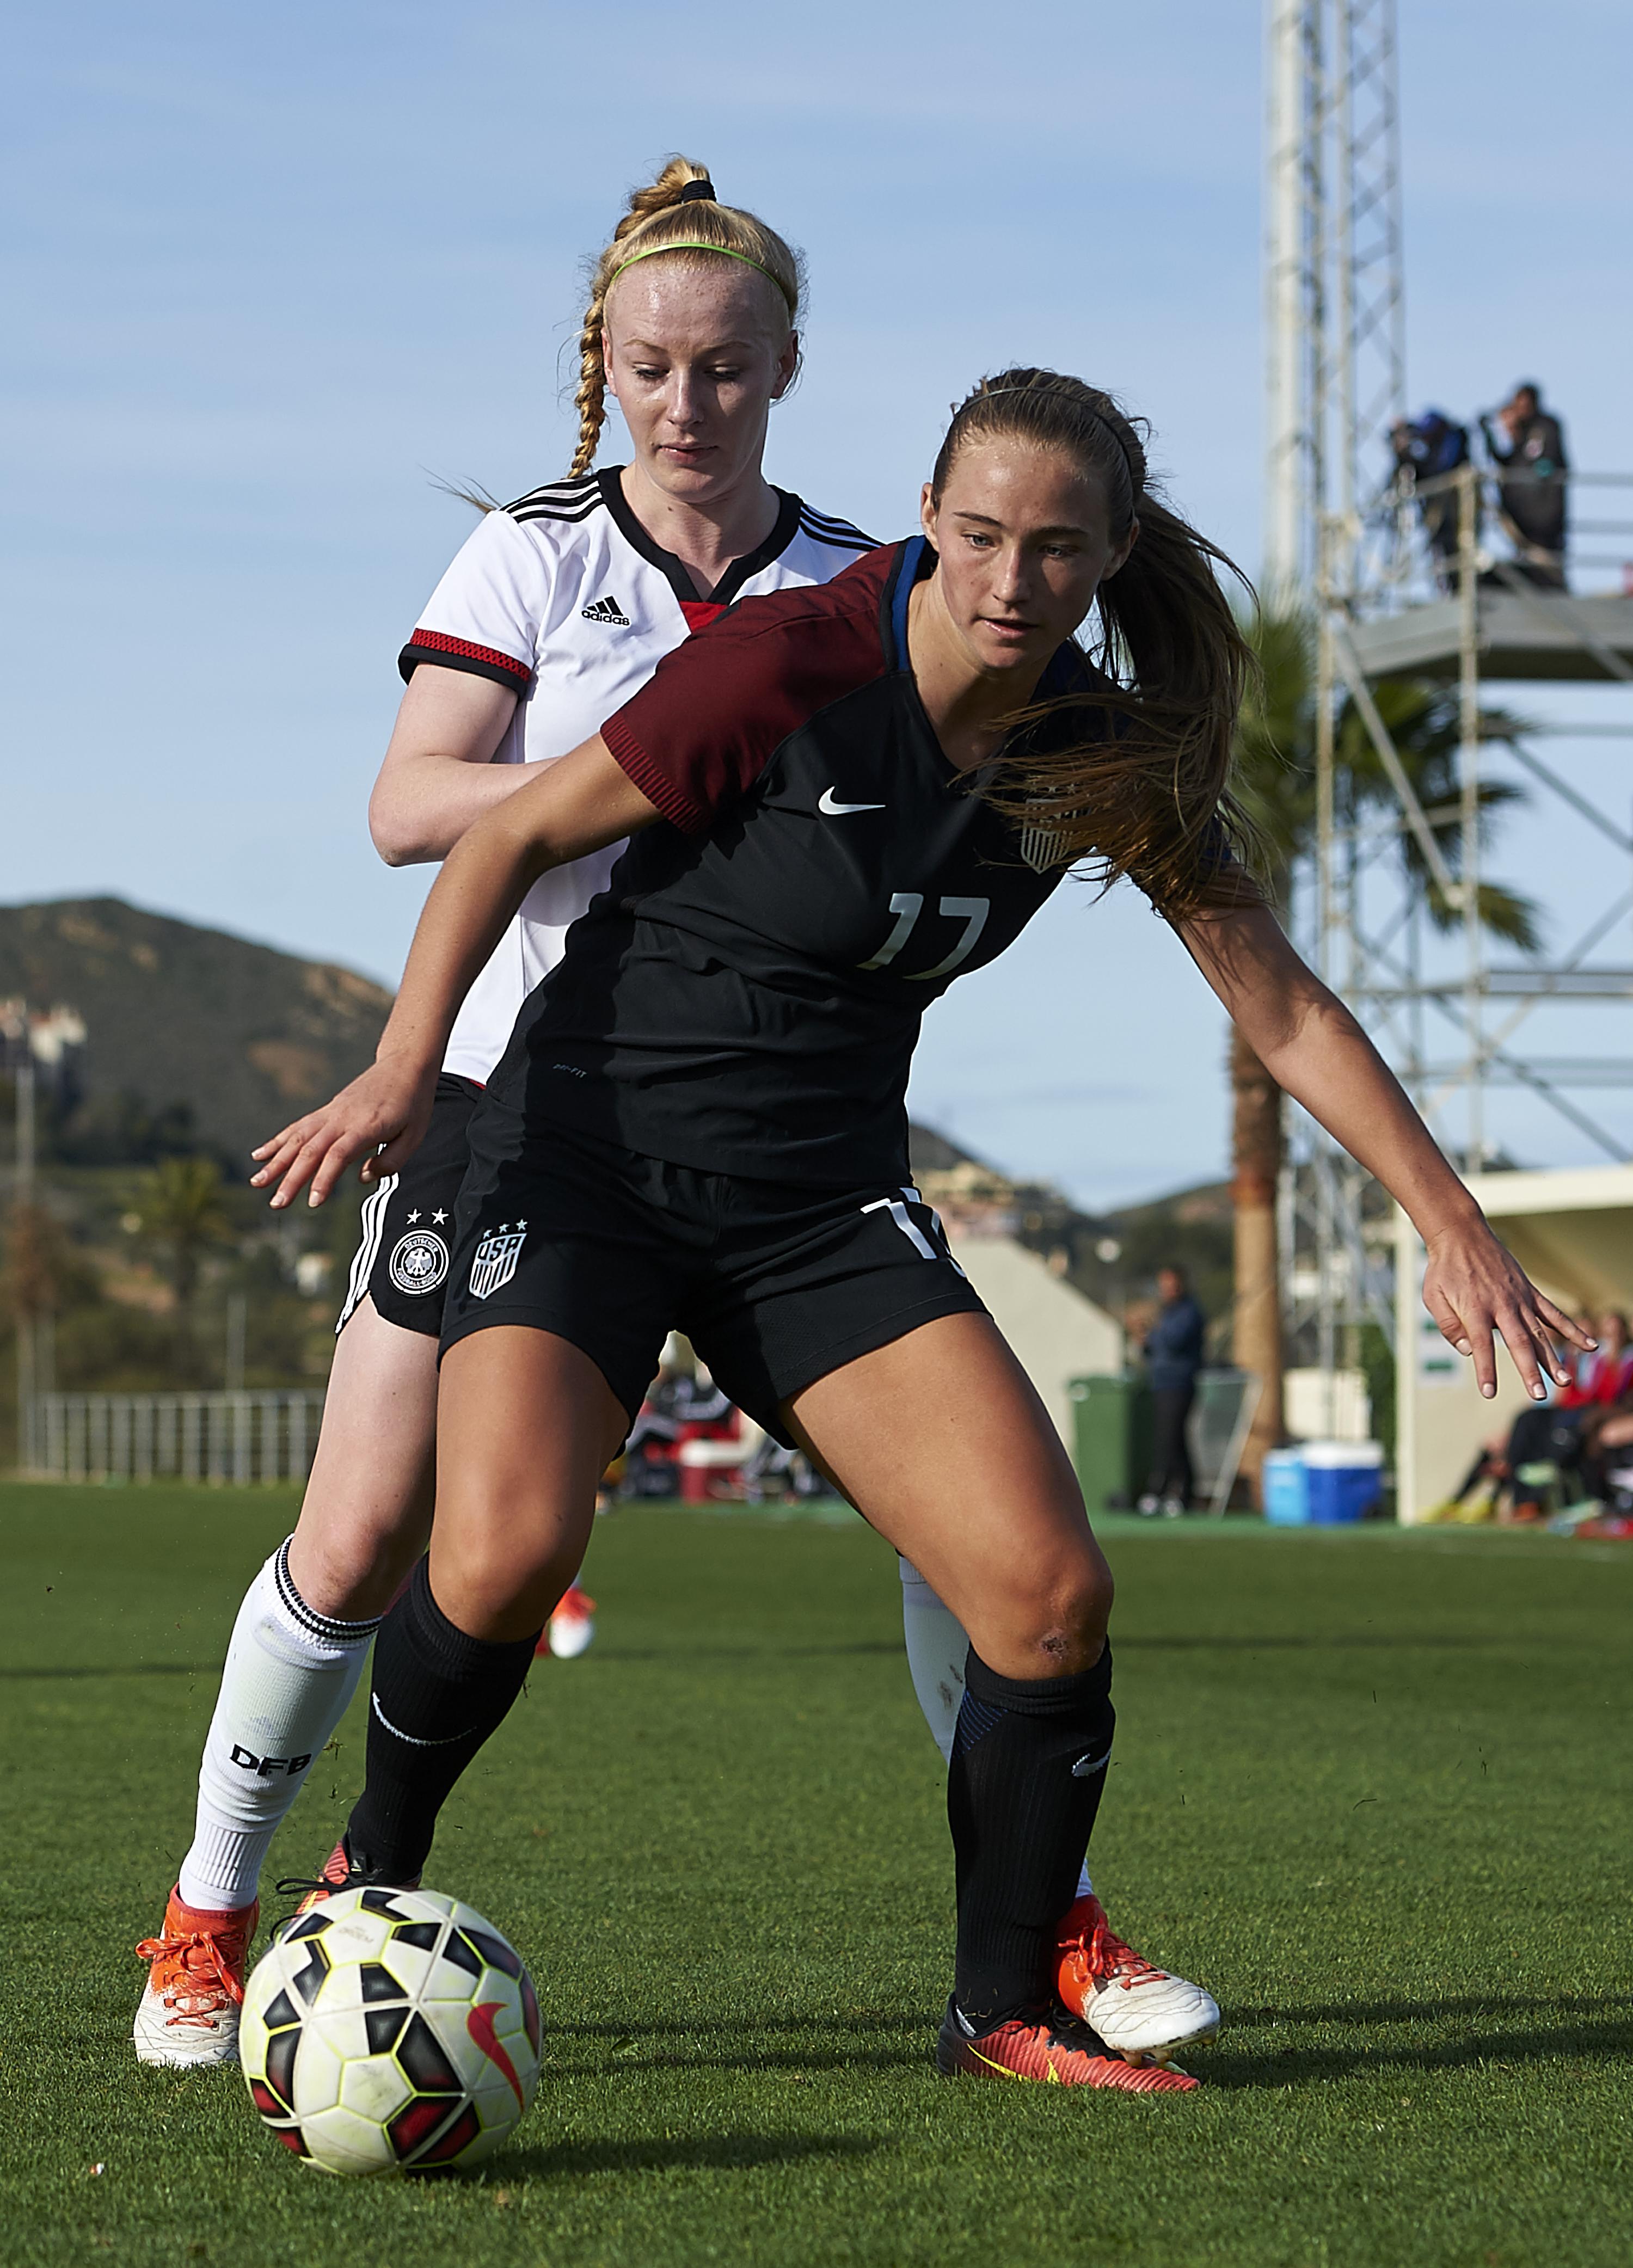 Germany Women's U19 v USA Women's U19 - International Friendly